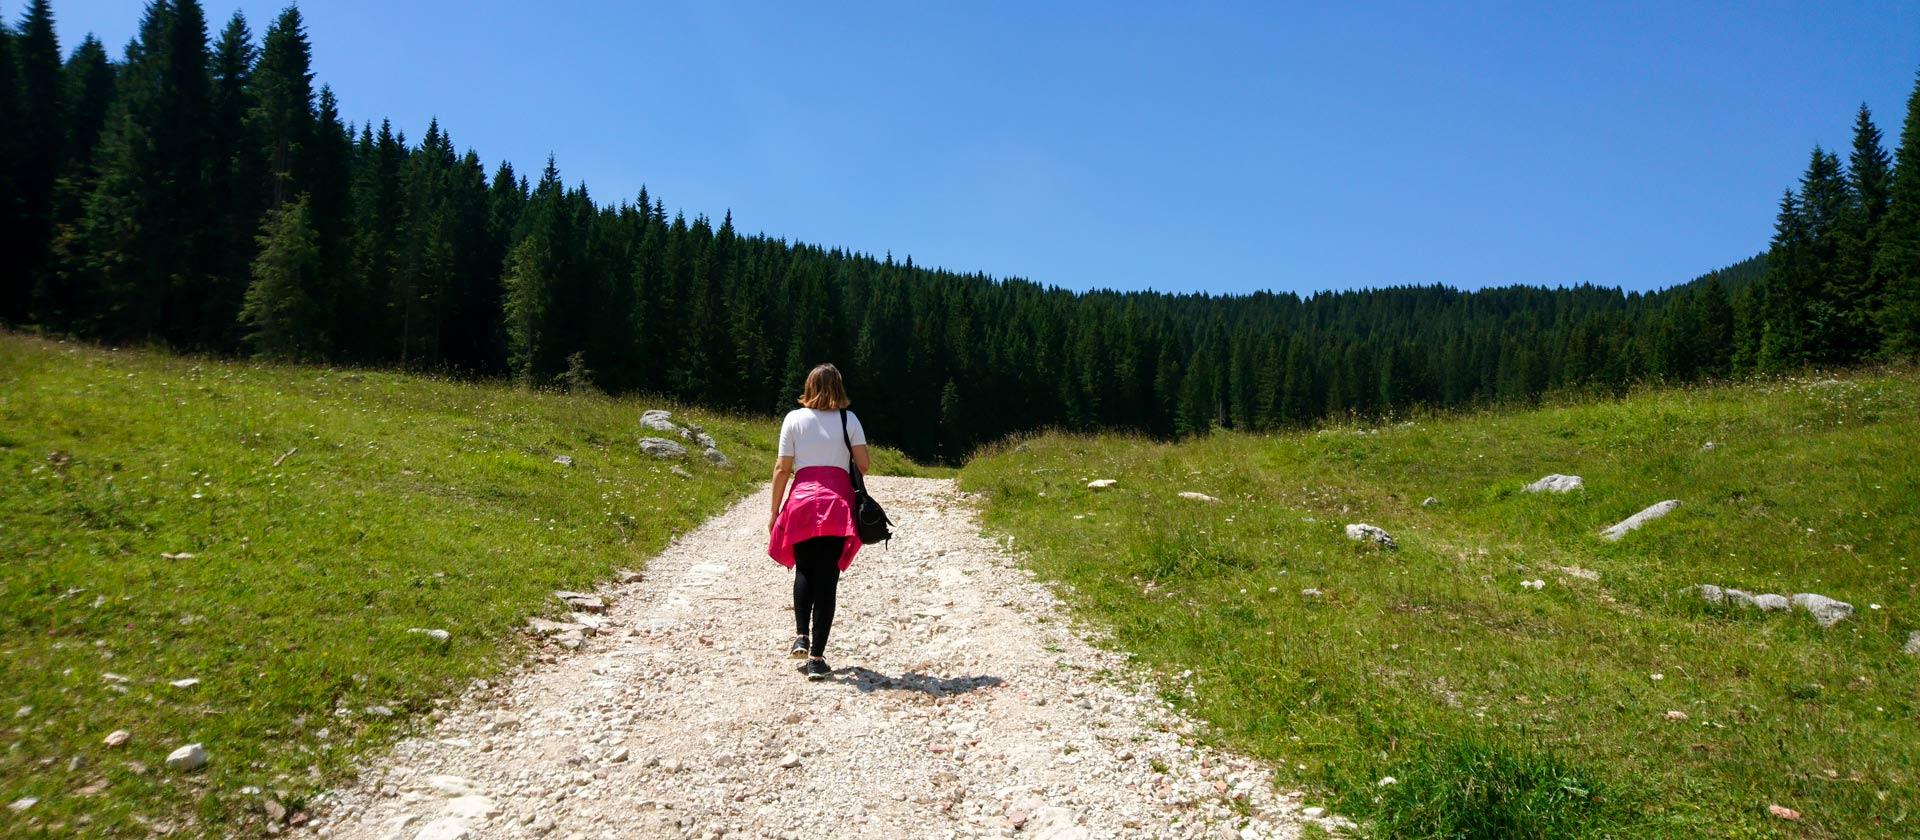 sentieri per passeggiate